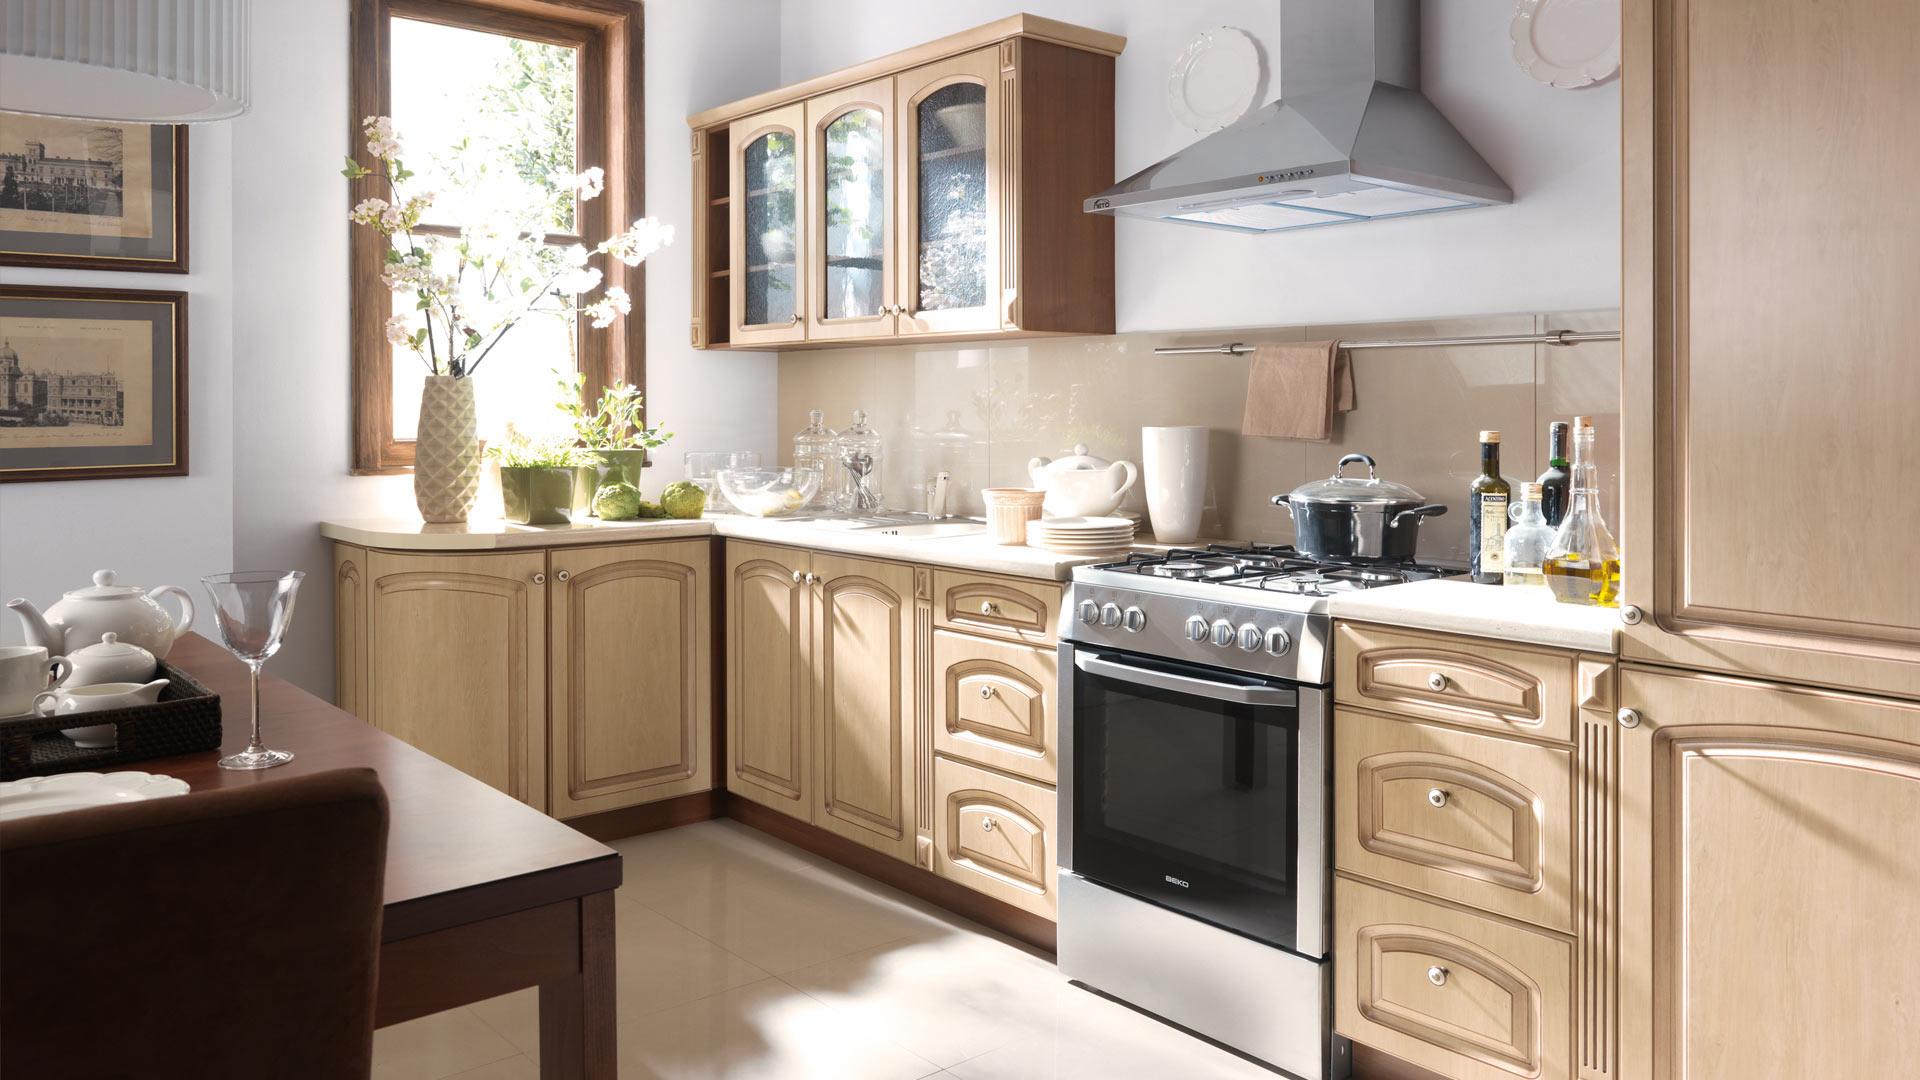 Hängeschrank Küche Höhe mit gut stil für ihr haus ideen